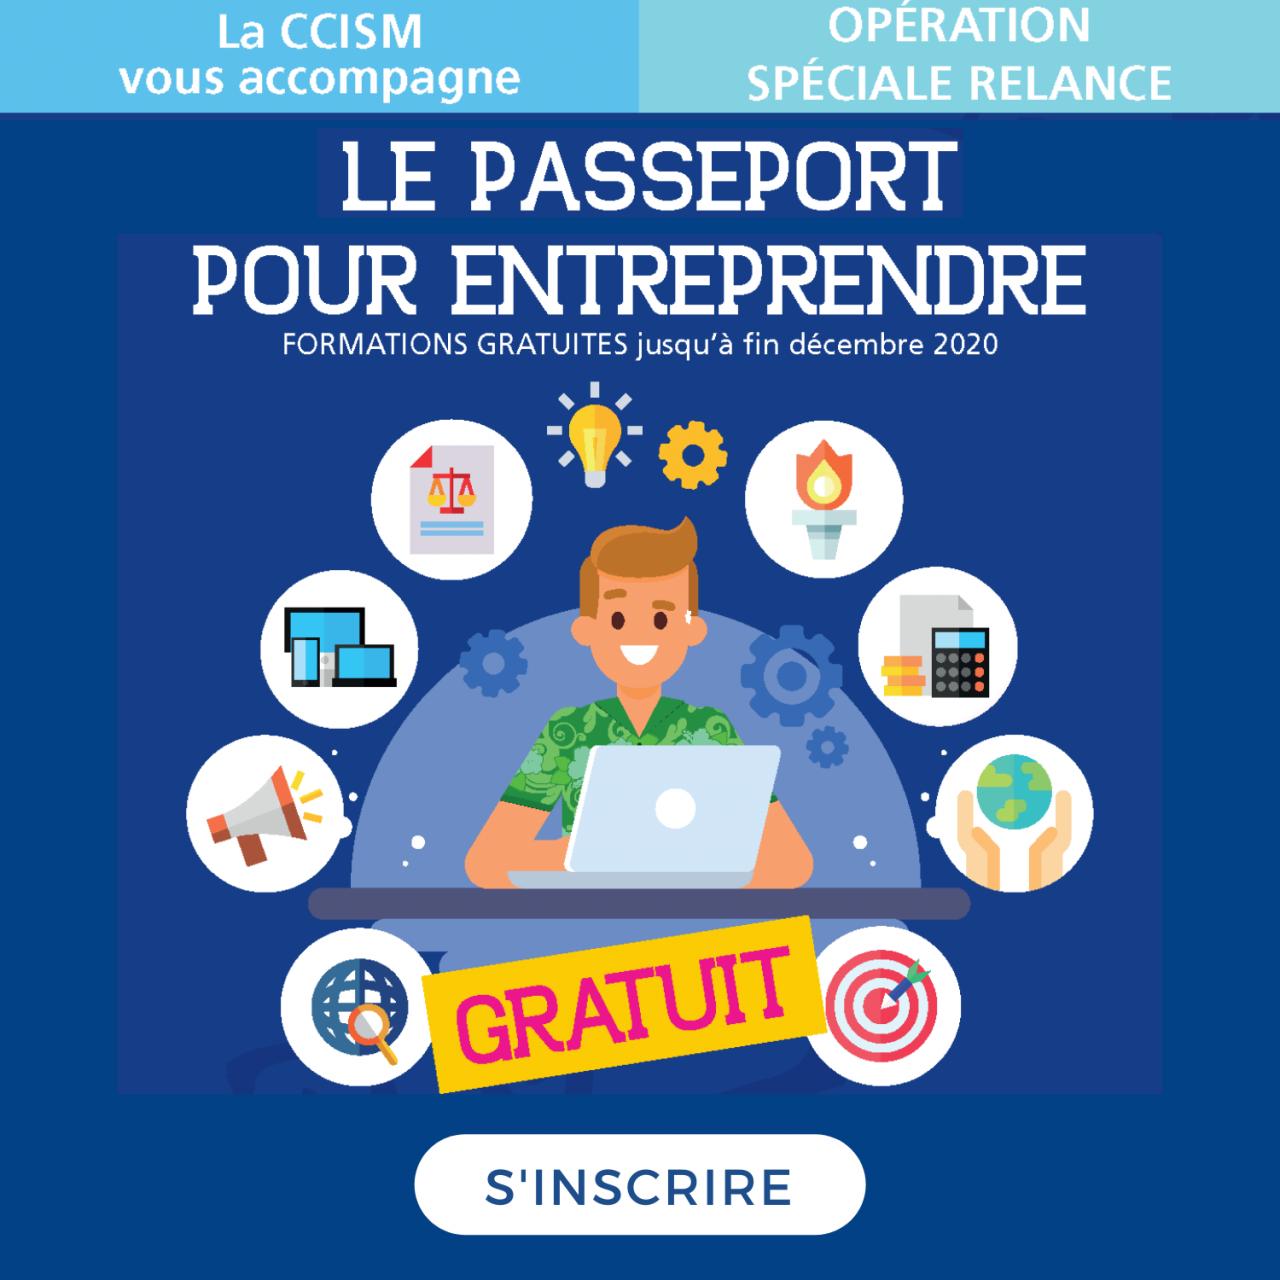 Je m'inscris au Passeport pour Entreprendre gratuitement